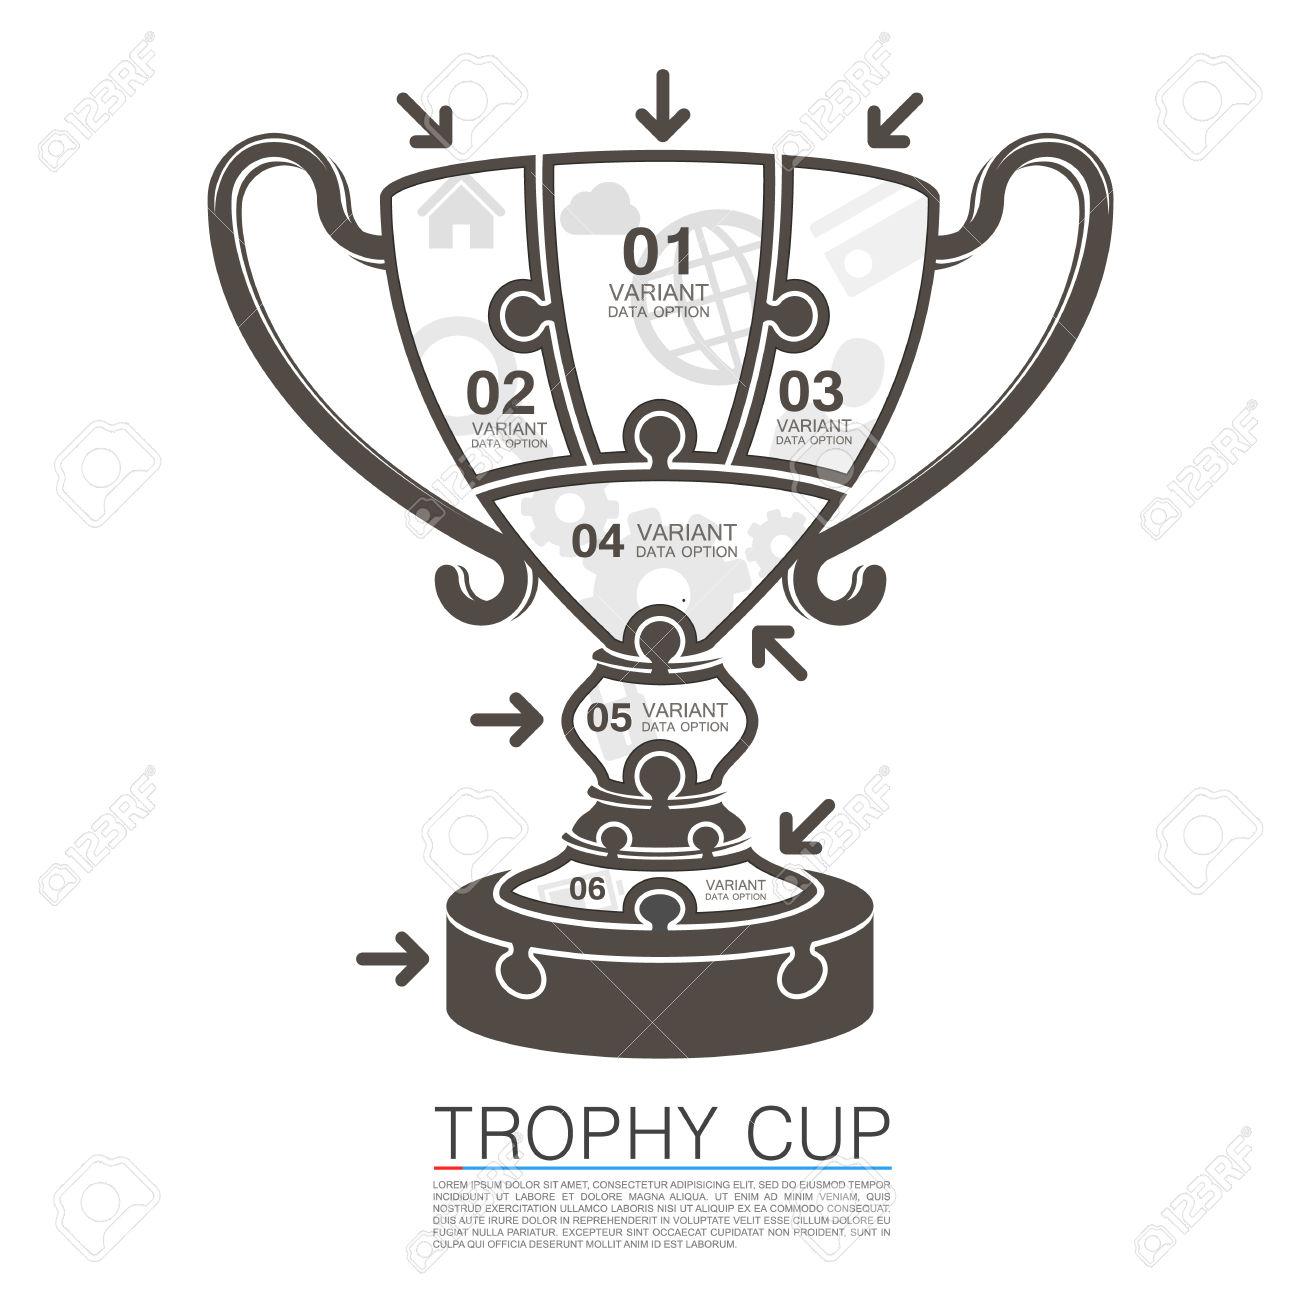 Vainqueur De La Coupe Avec Des Icônes Puzzle. Vector Illustration.